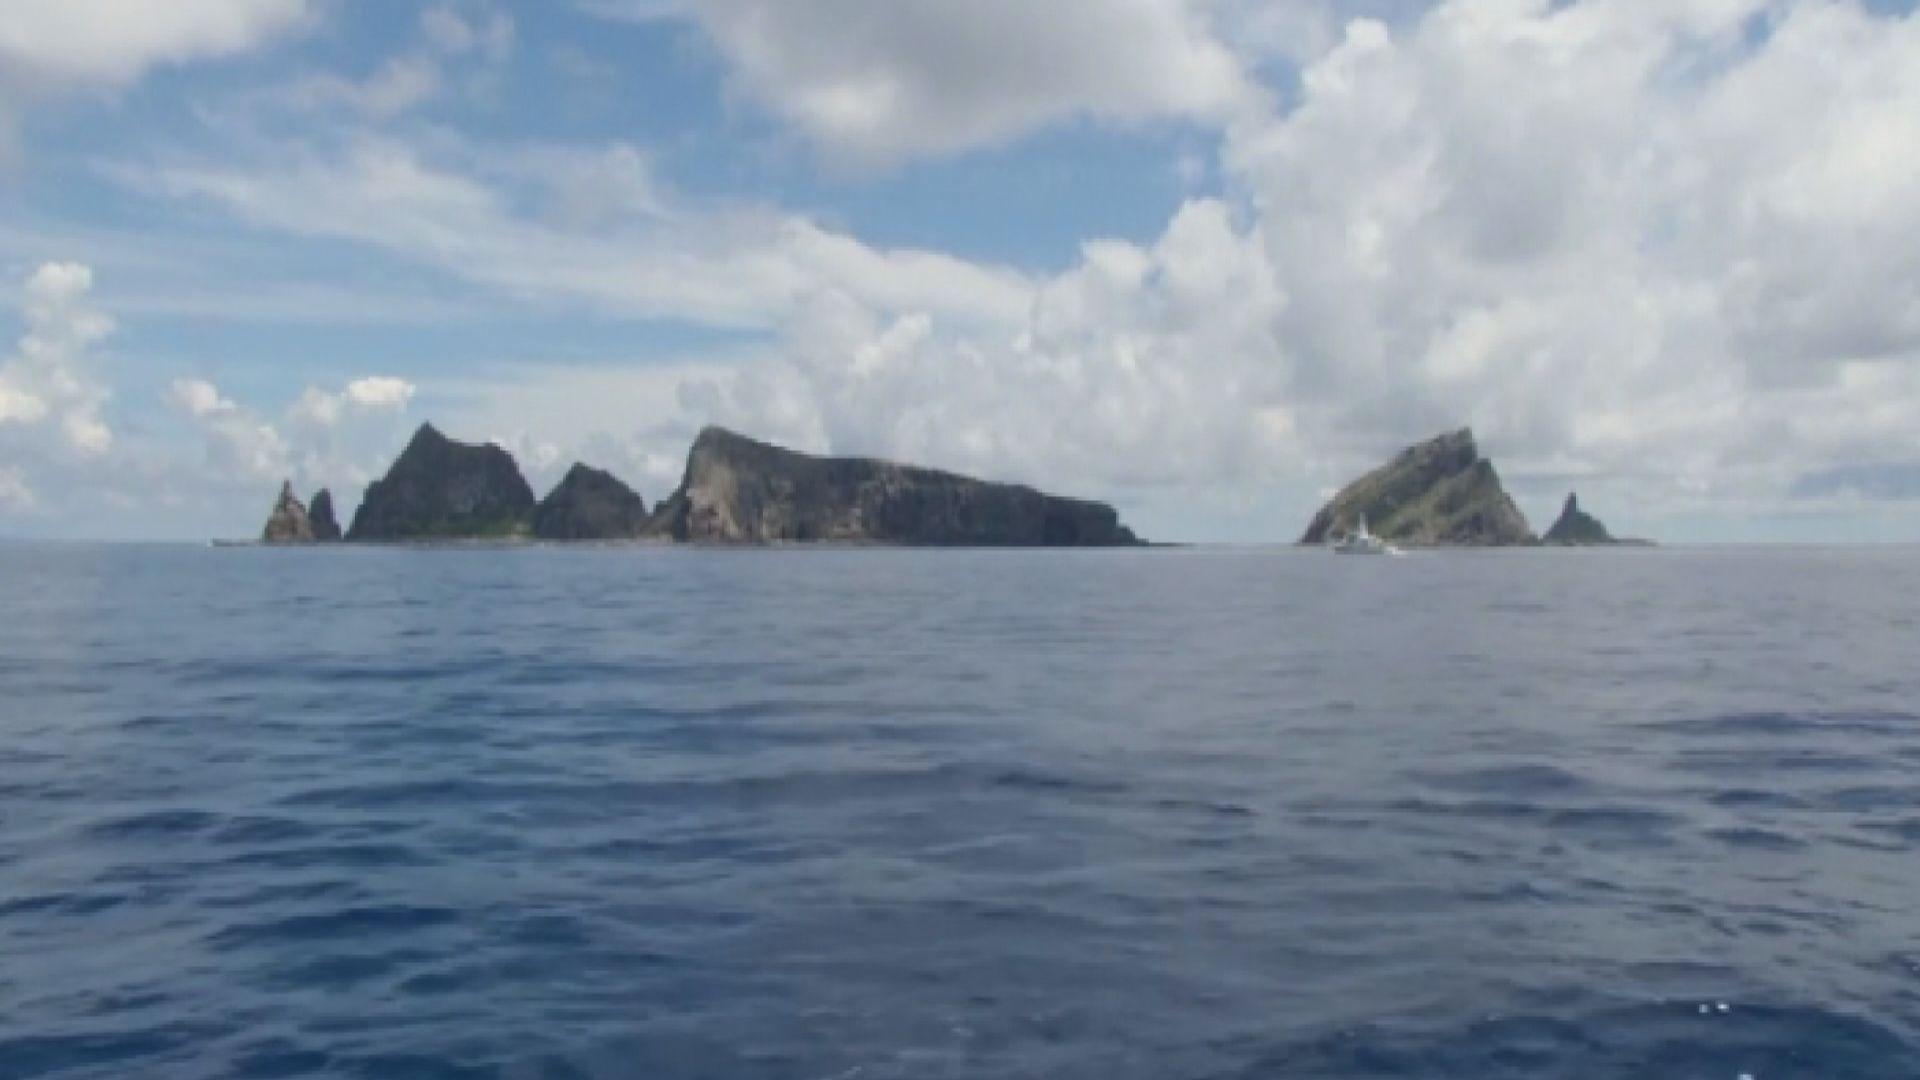 日本據報曾促美國修改對釣魚島主權中立政策